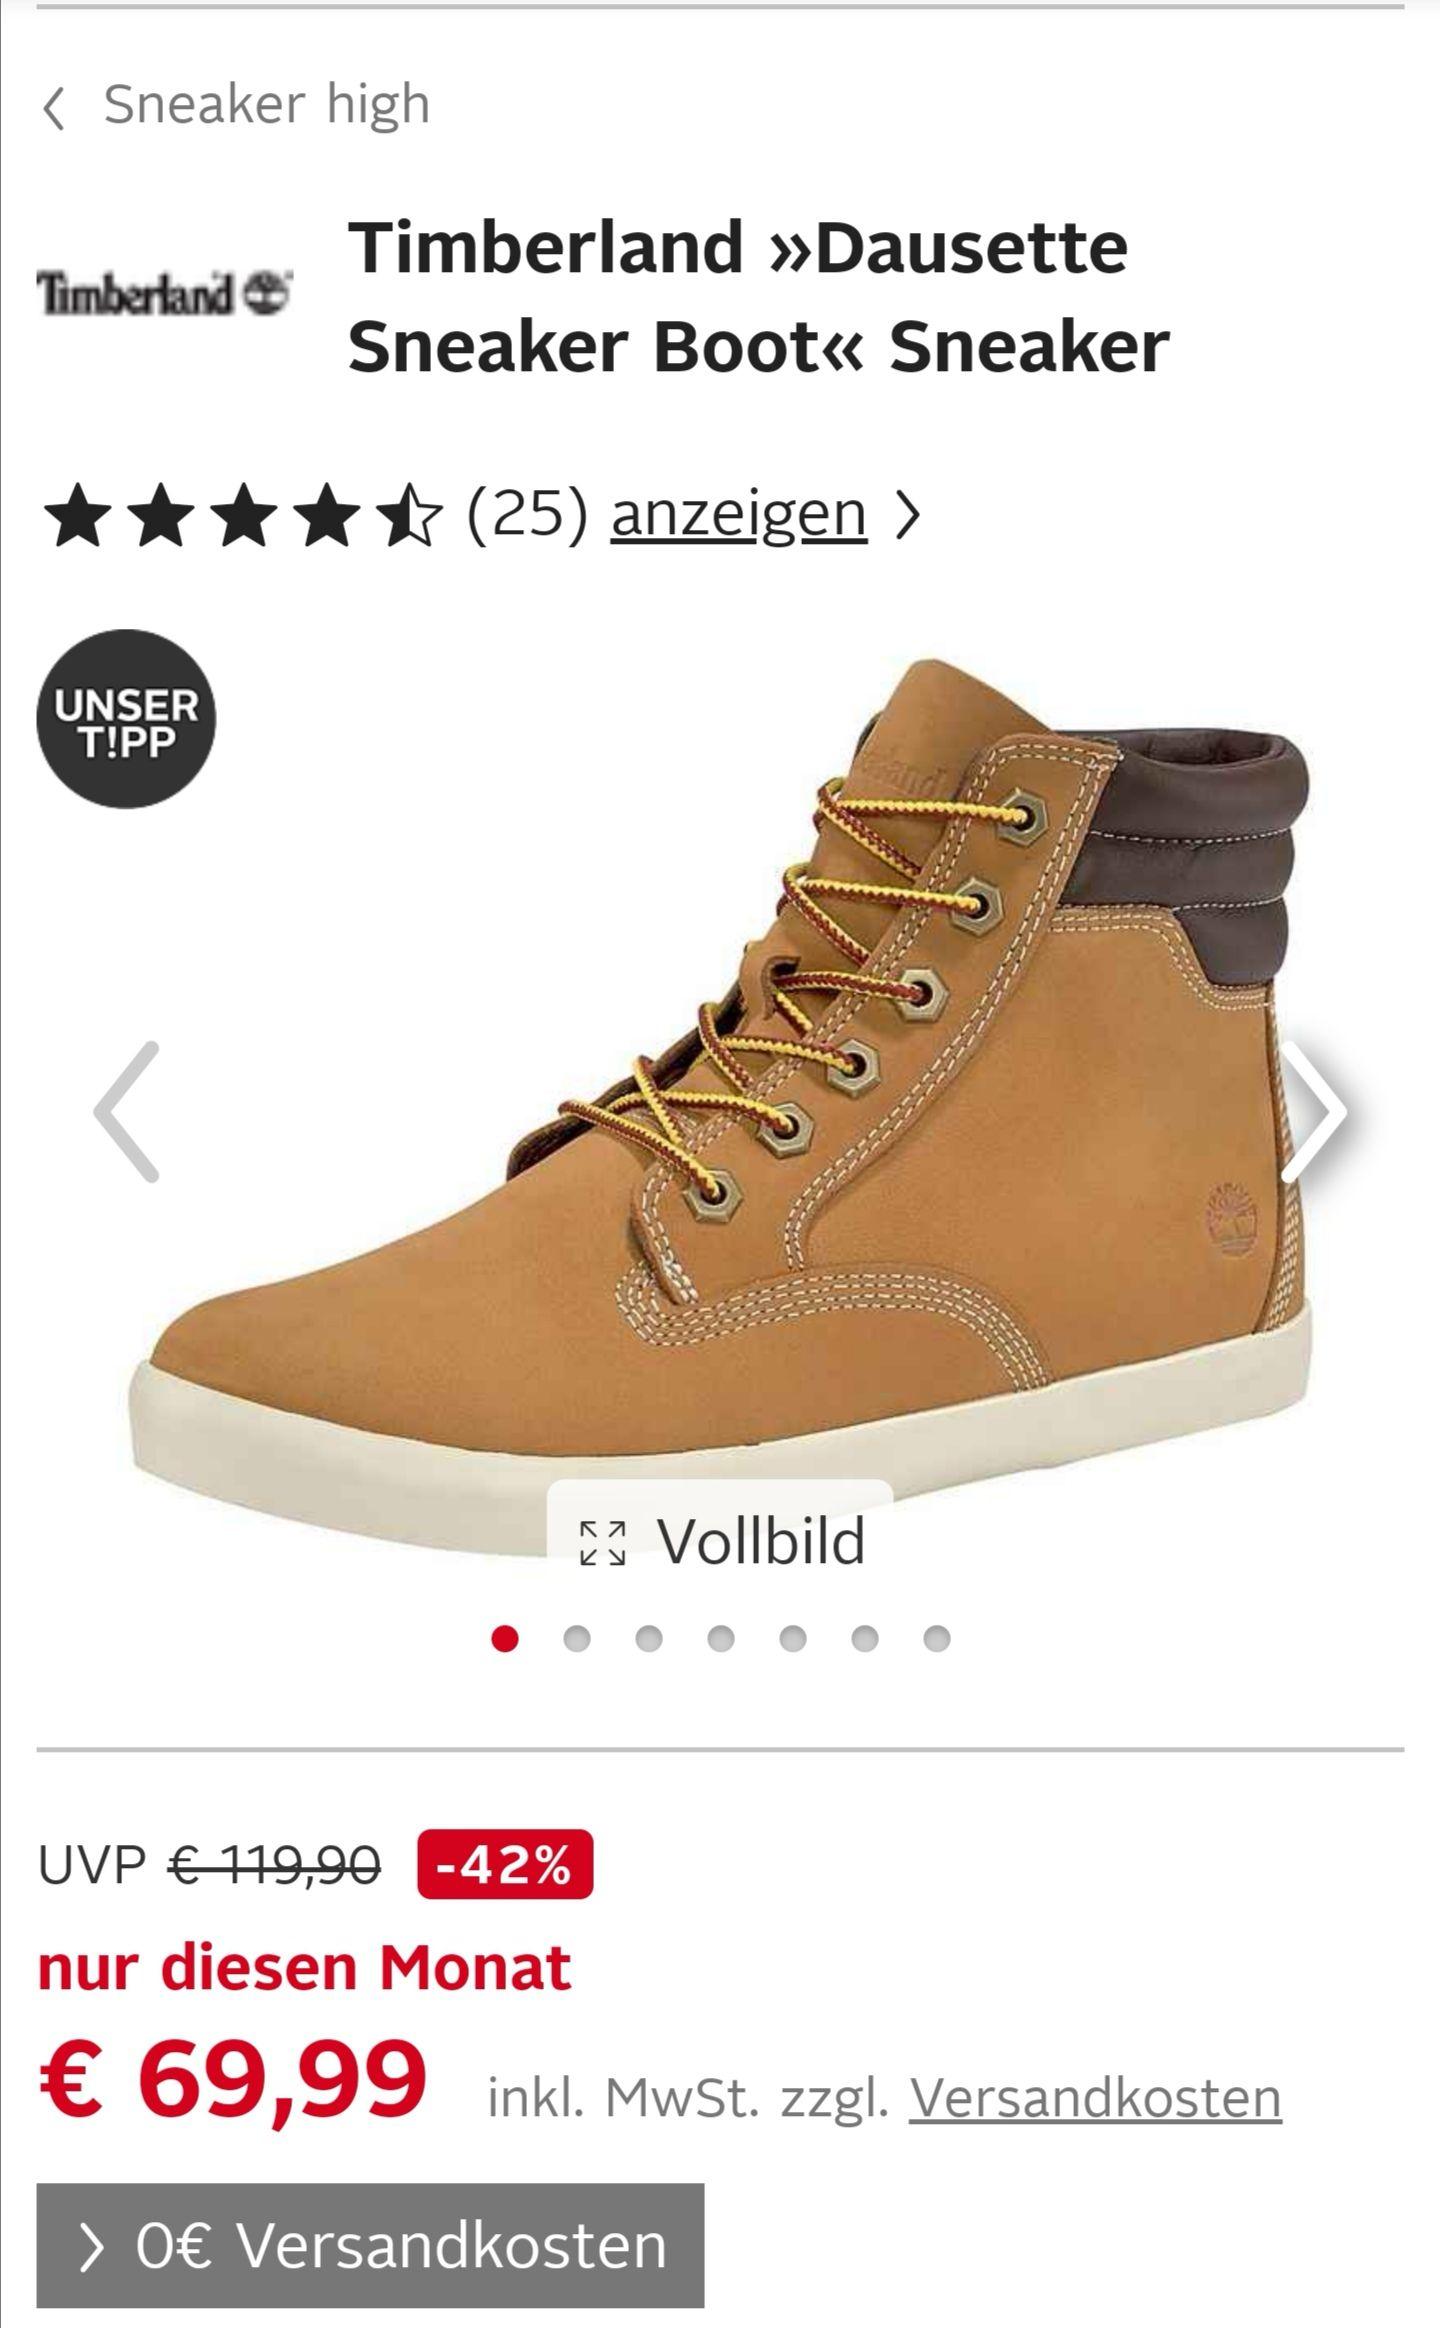 Timberland »Dausette Sneaker Boot« Sneaker für Damen